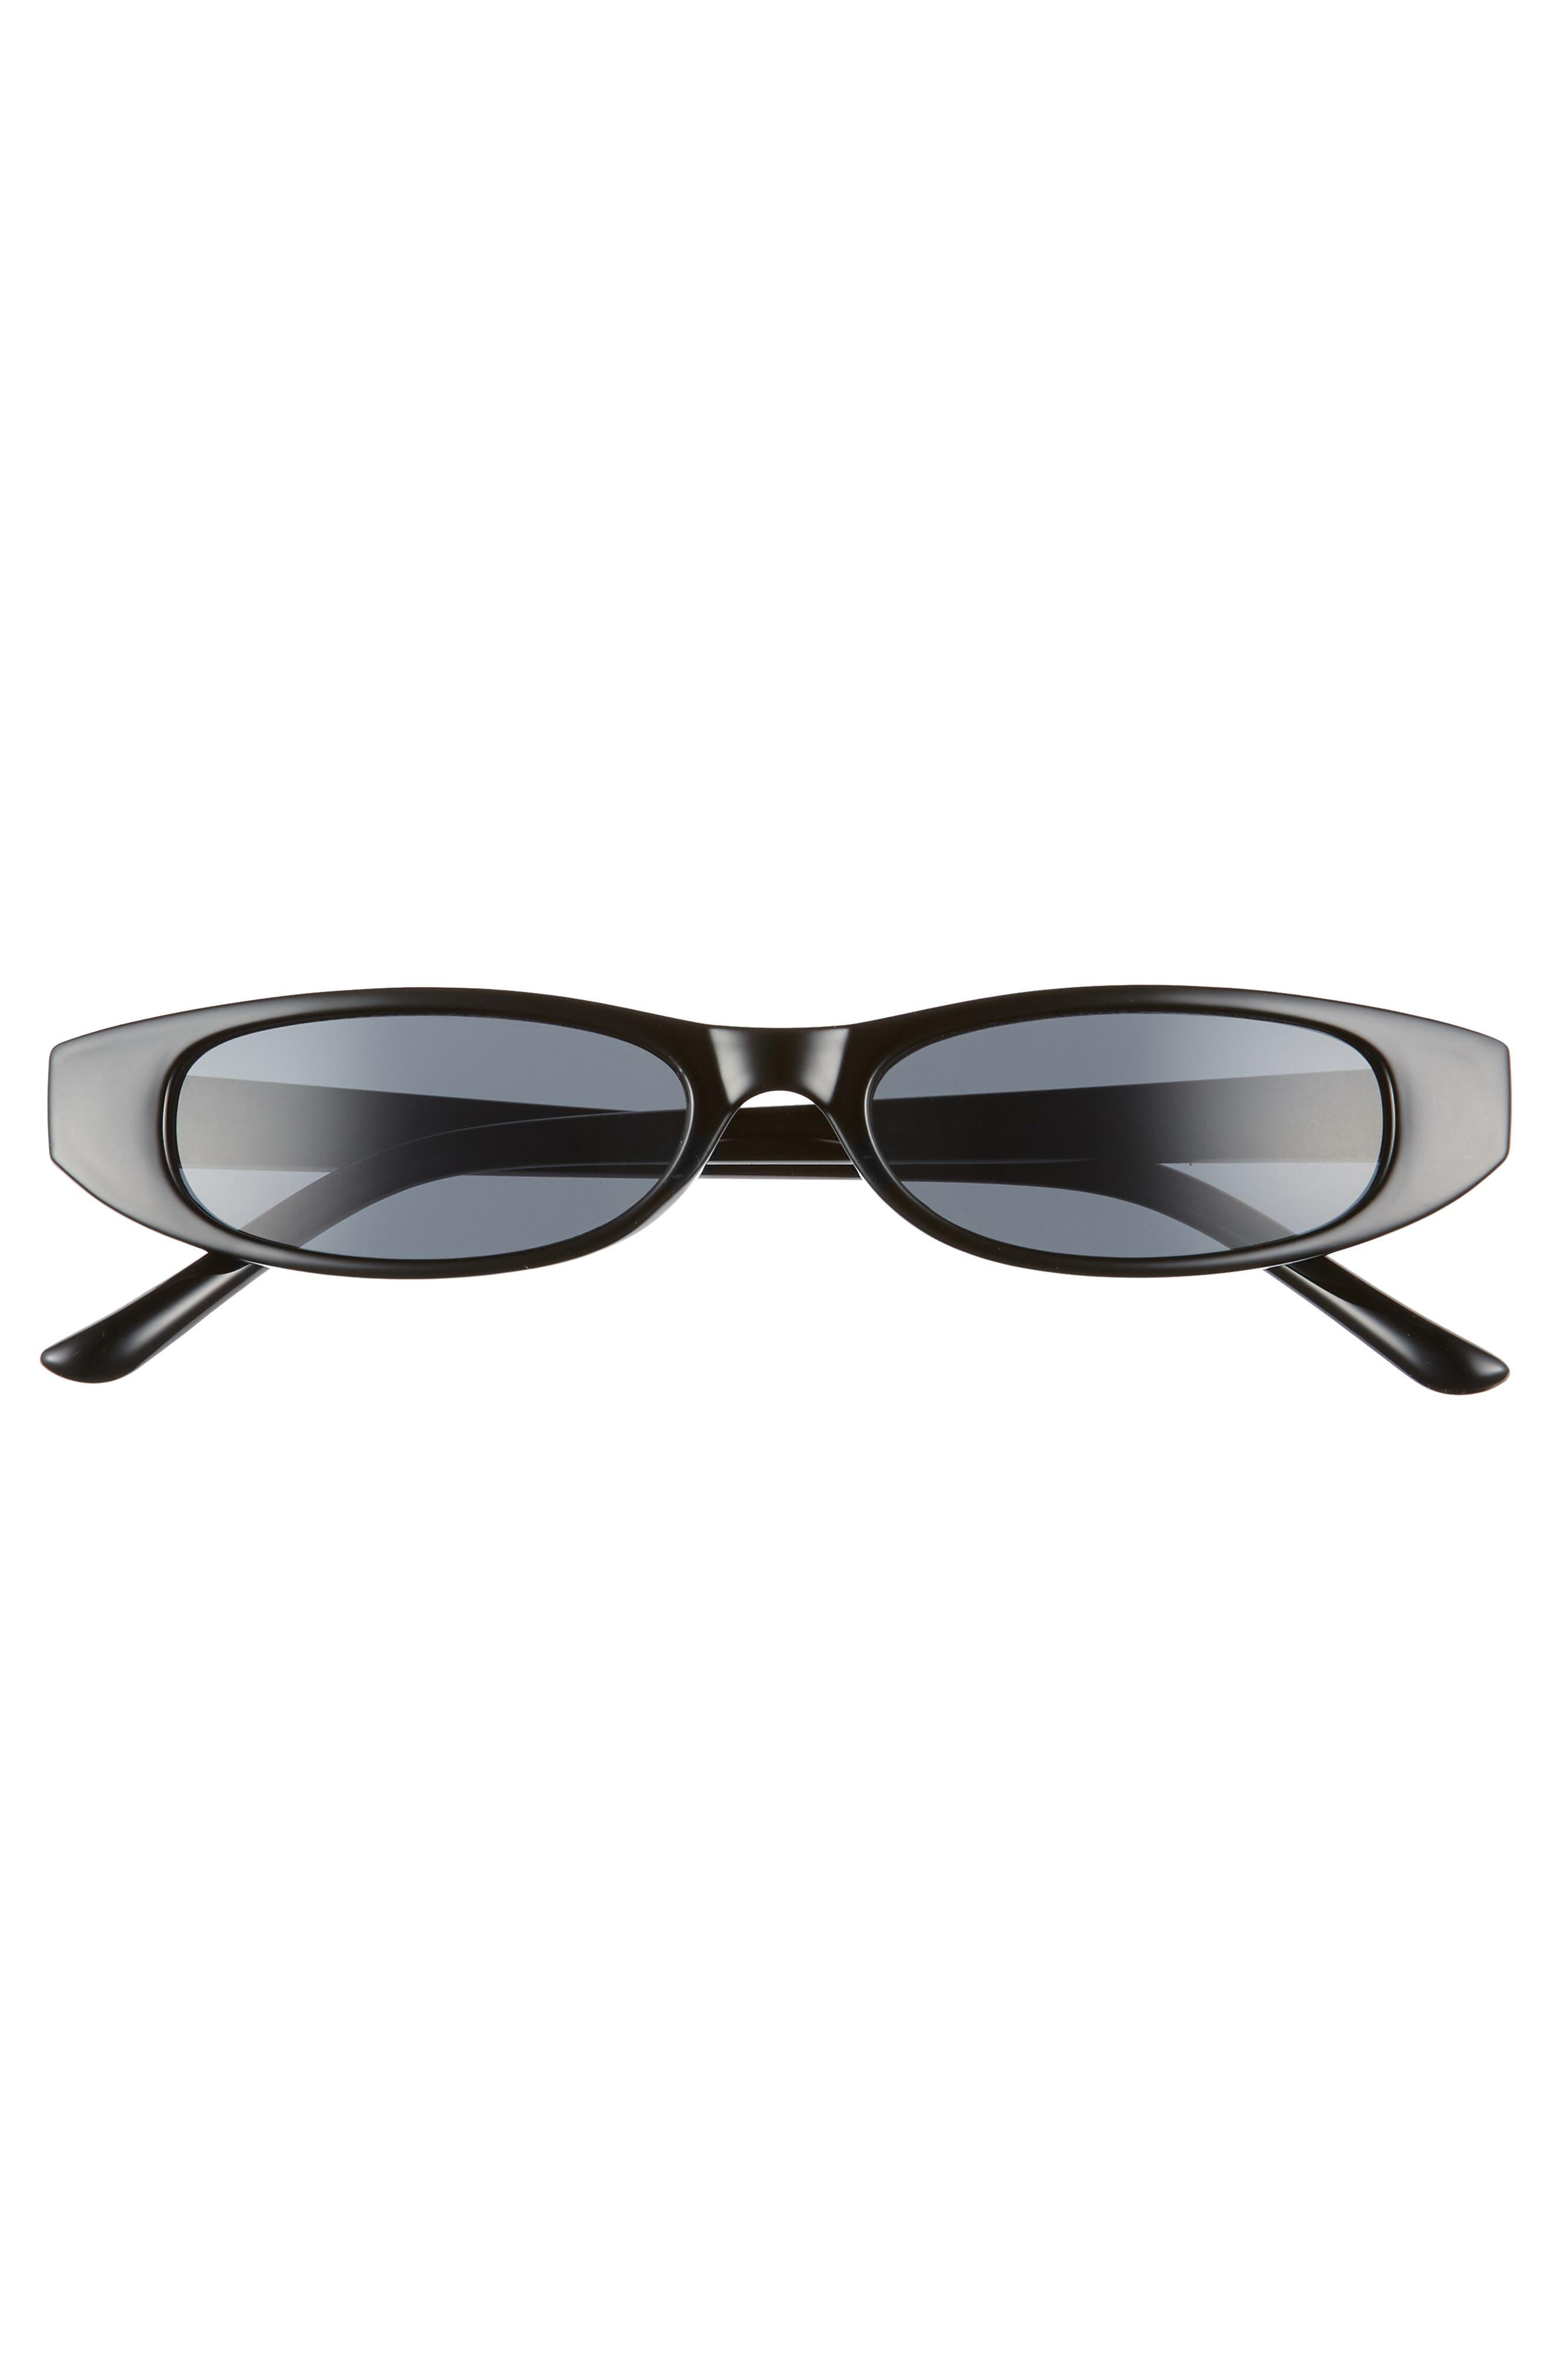 50mm Geometric Sunglasses,                             Alternate thumbnail 3, color,                             Black